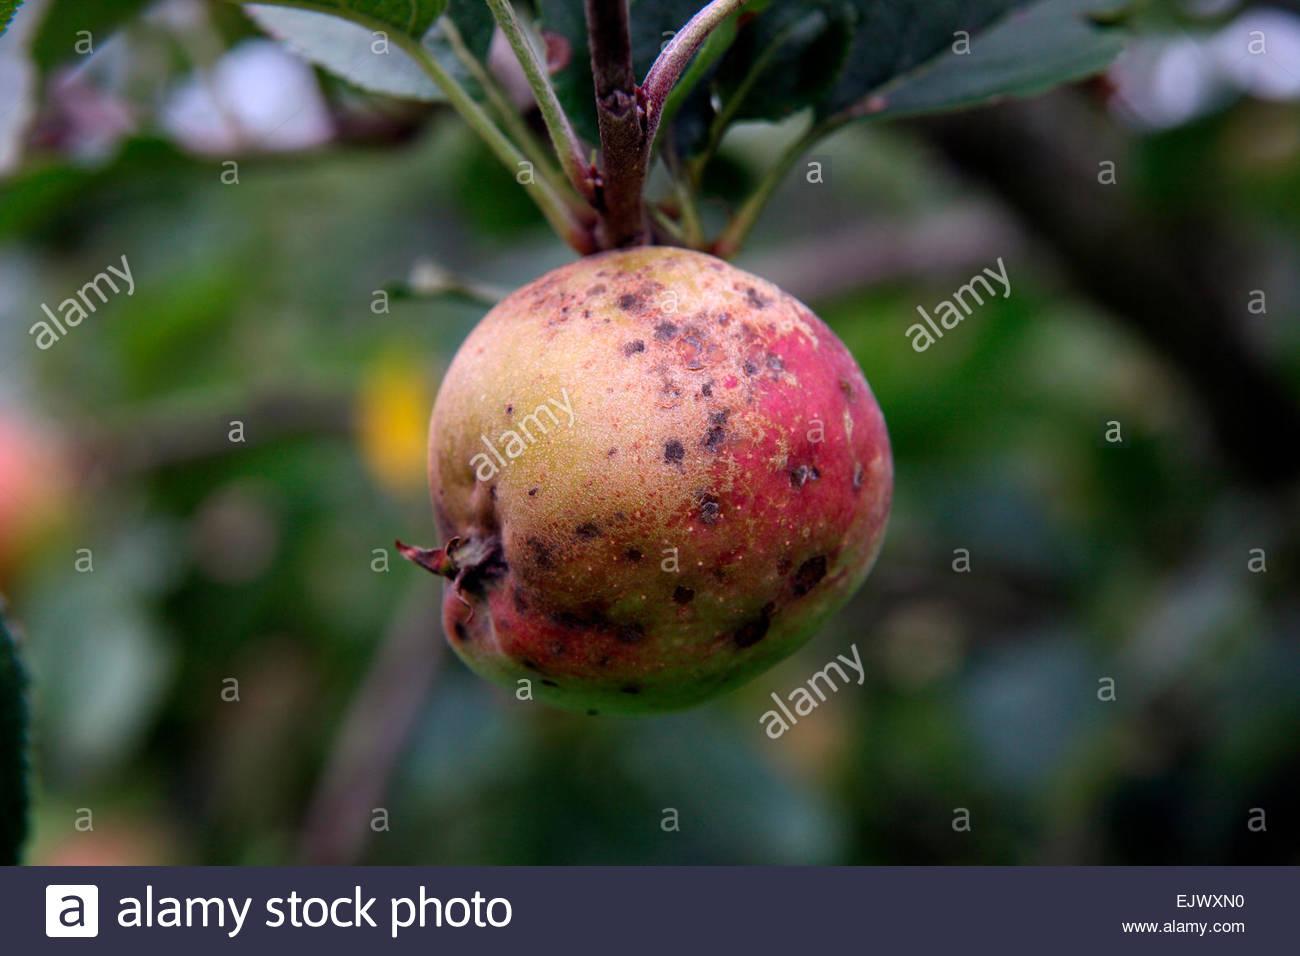 Berostung und Apple Schorf auf Reife Apfelfrucht - Venturia inaequalis Stockbild